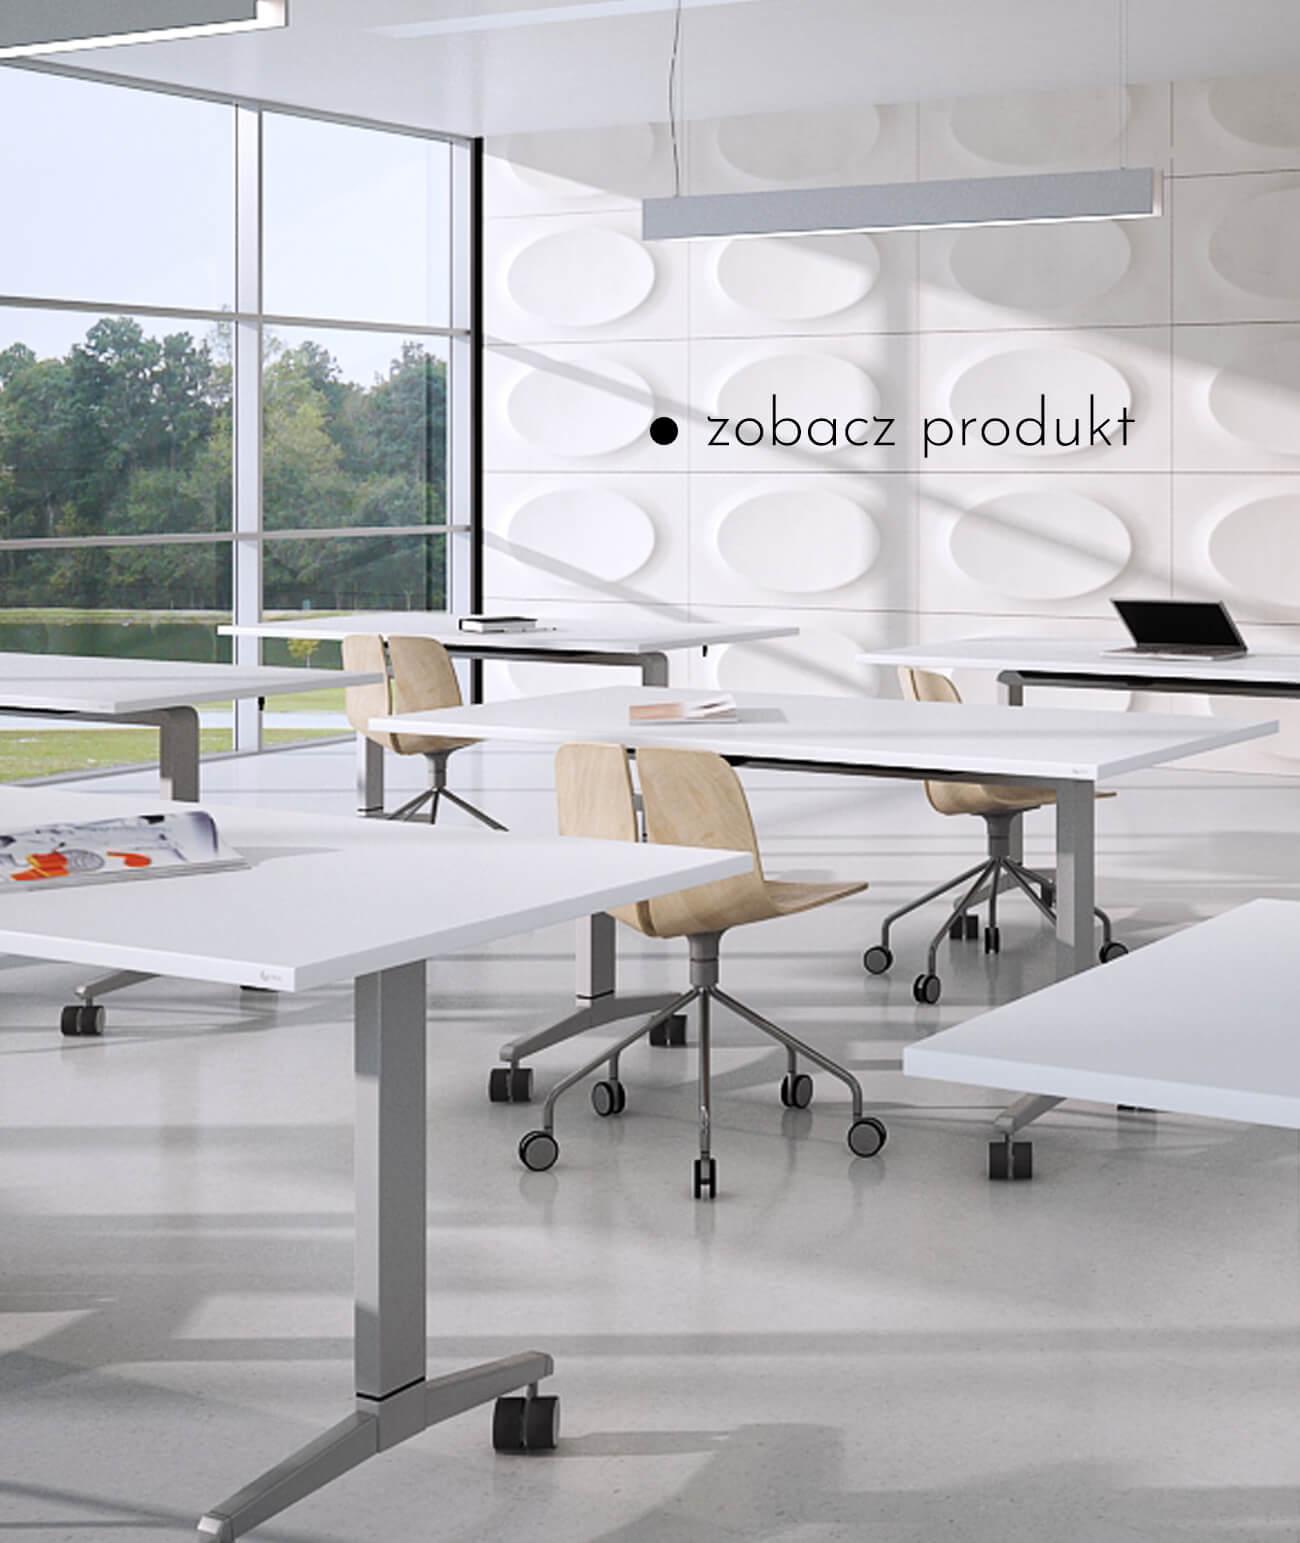 panele-betonowe-3d-scienne-i-elewacyjne-beton-architektoniczny_360-1961-pb08-bs-sniezno-bialy-elipsa---panel-dekor-3d-beton-architektoniczny-panel-scienny